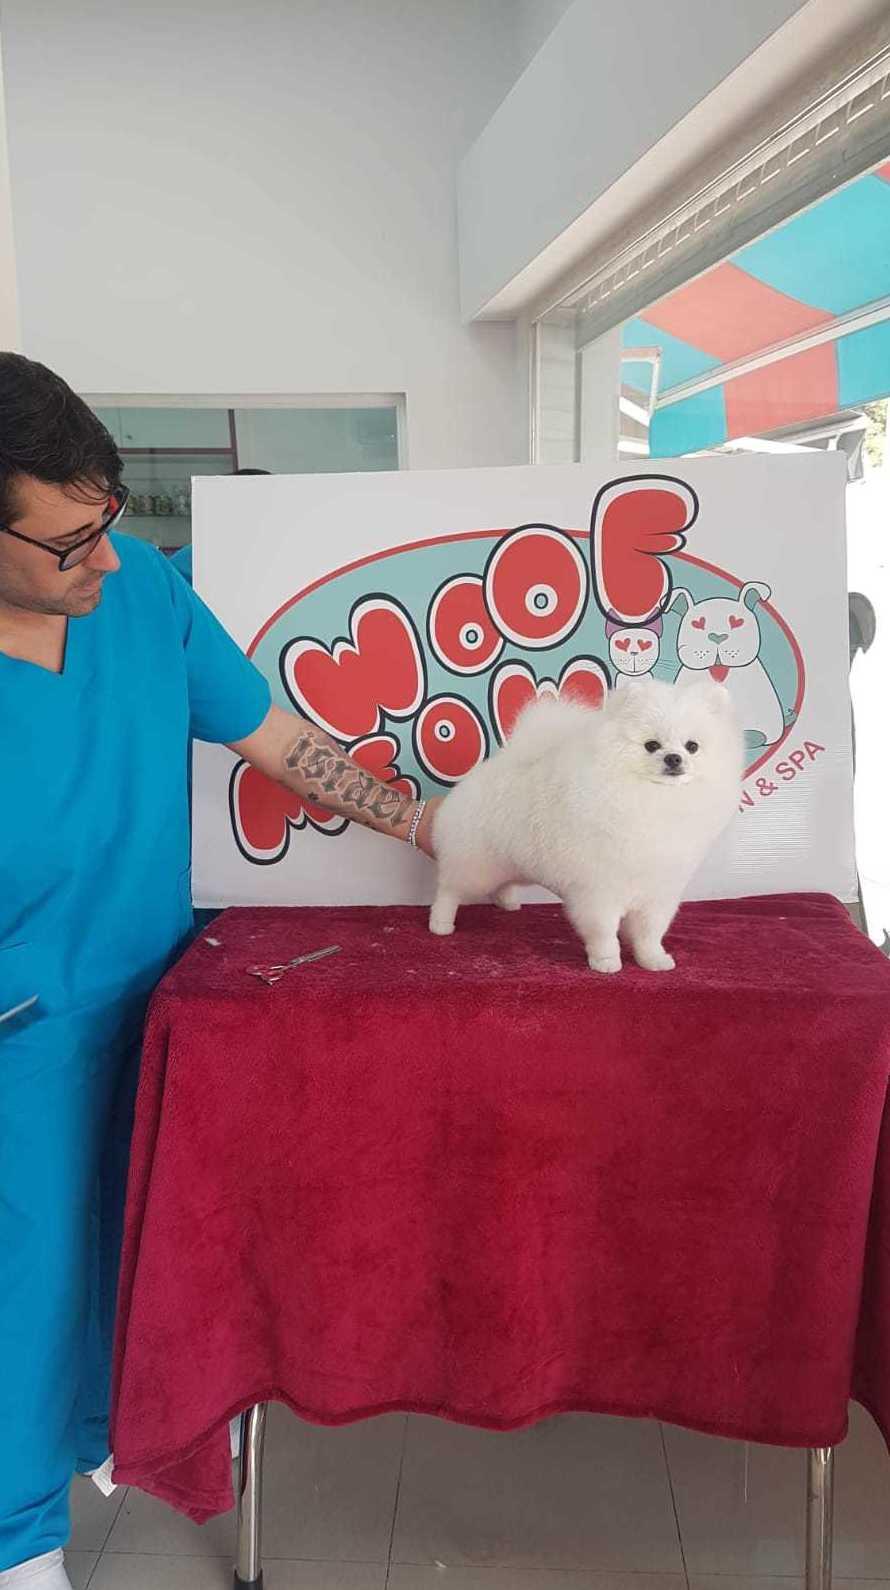 Foto 10 de Peluquerías caninas en Marbella | Academia de Estética Canina Woof Meow